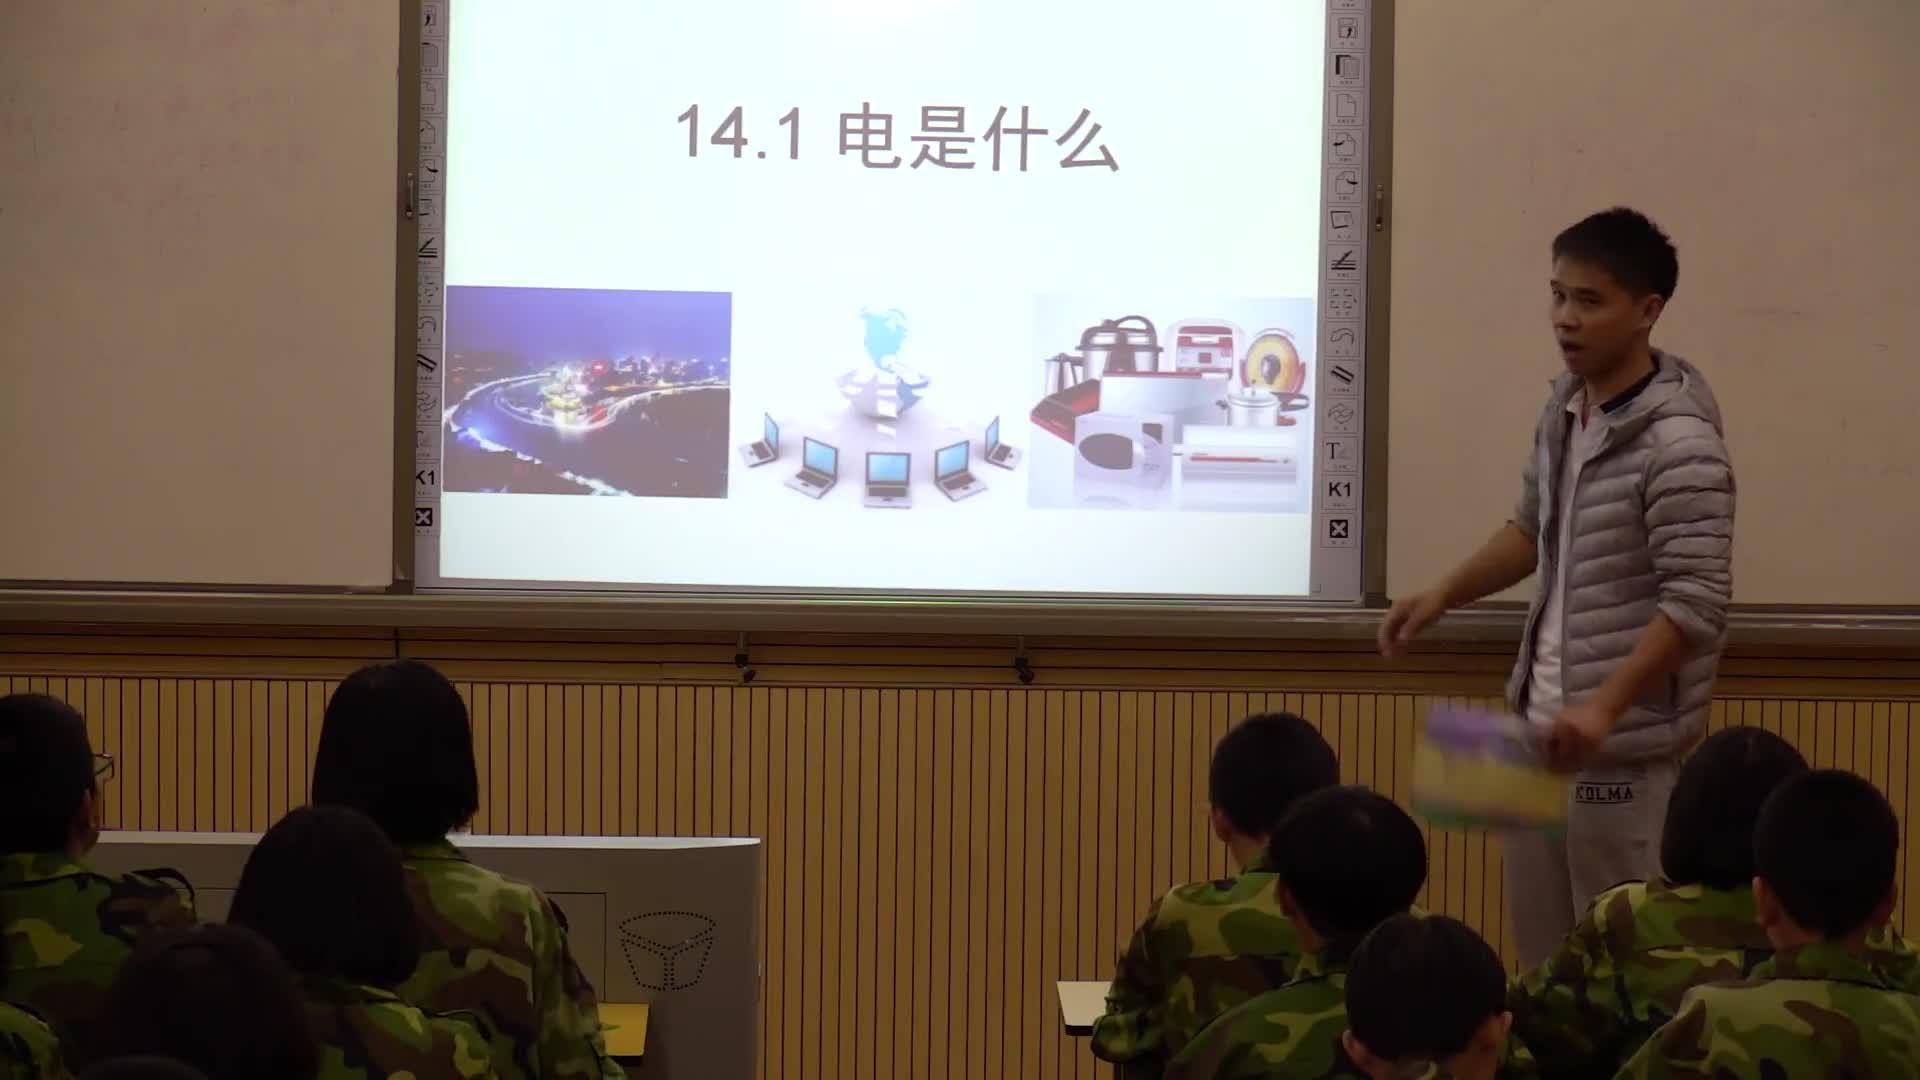 沪科版 九年级物理 14.1电是什么-课堂实录